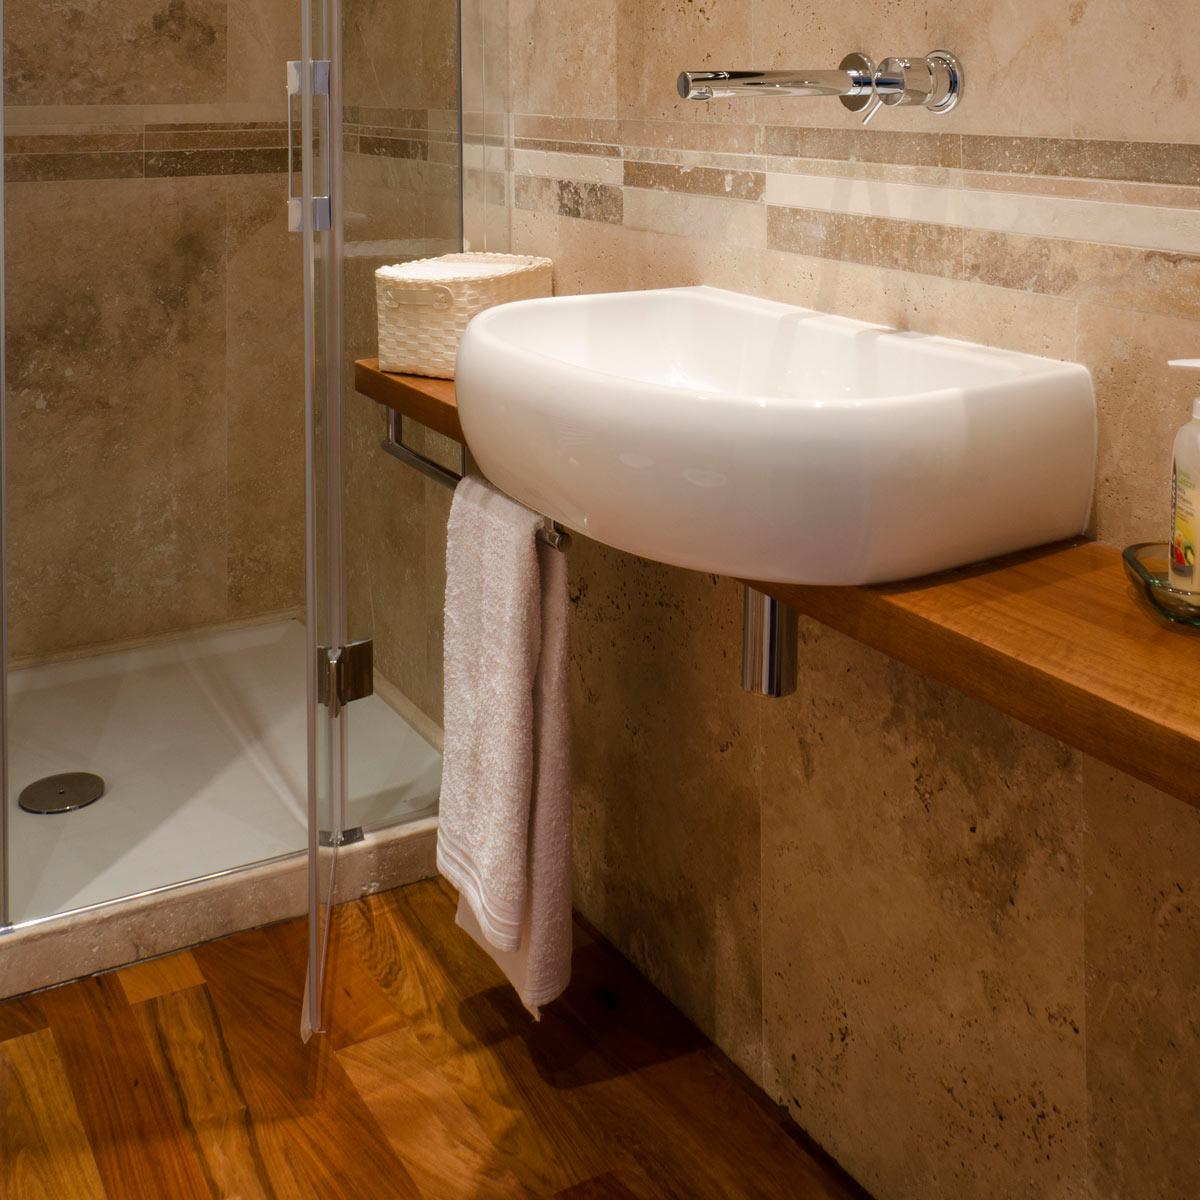 Bagno con rivestimento in travertino e pavimento in legno - Pietre ...